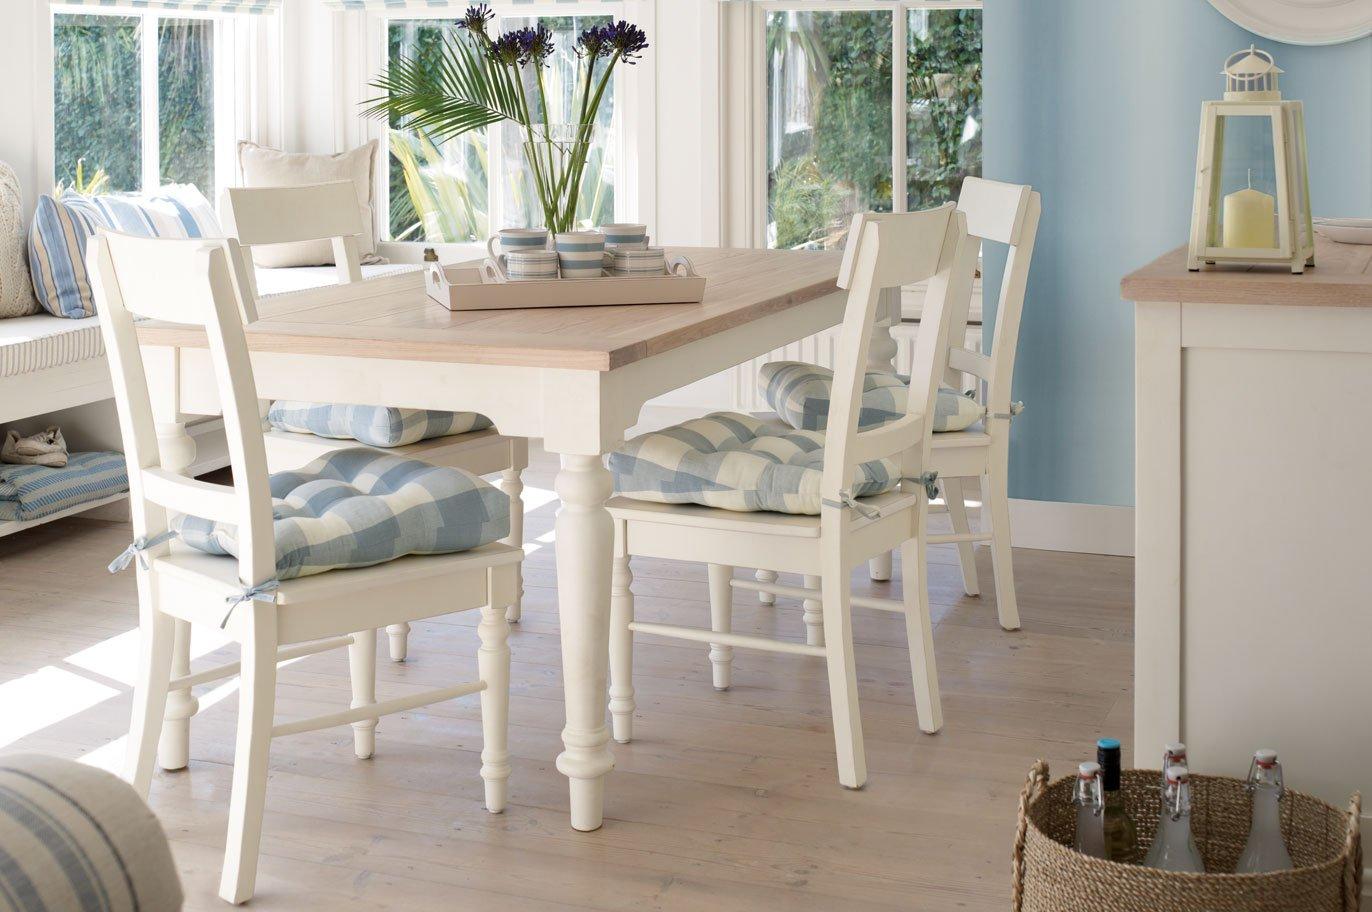 muebles para una cocina de estilo ingl s decoraci n del